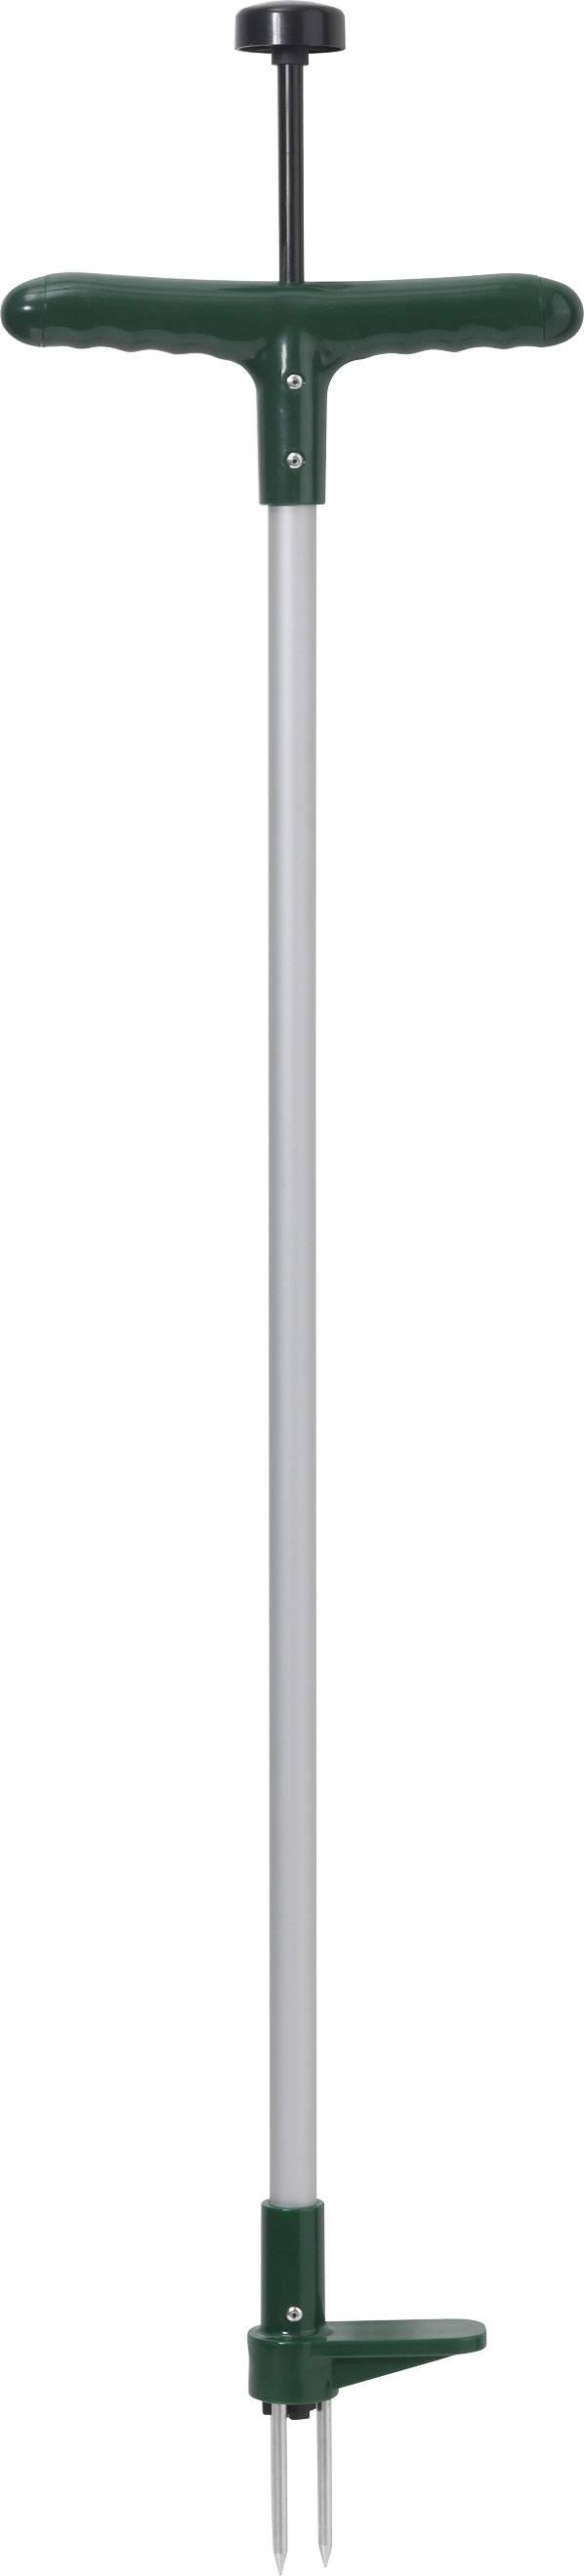 Zeer GARDENA 03517-20 Onkruidsteker T-greep | Conrad.nl VD45